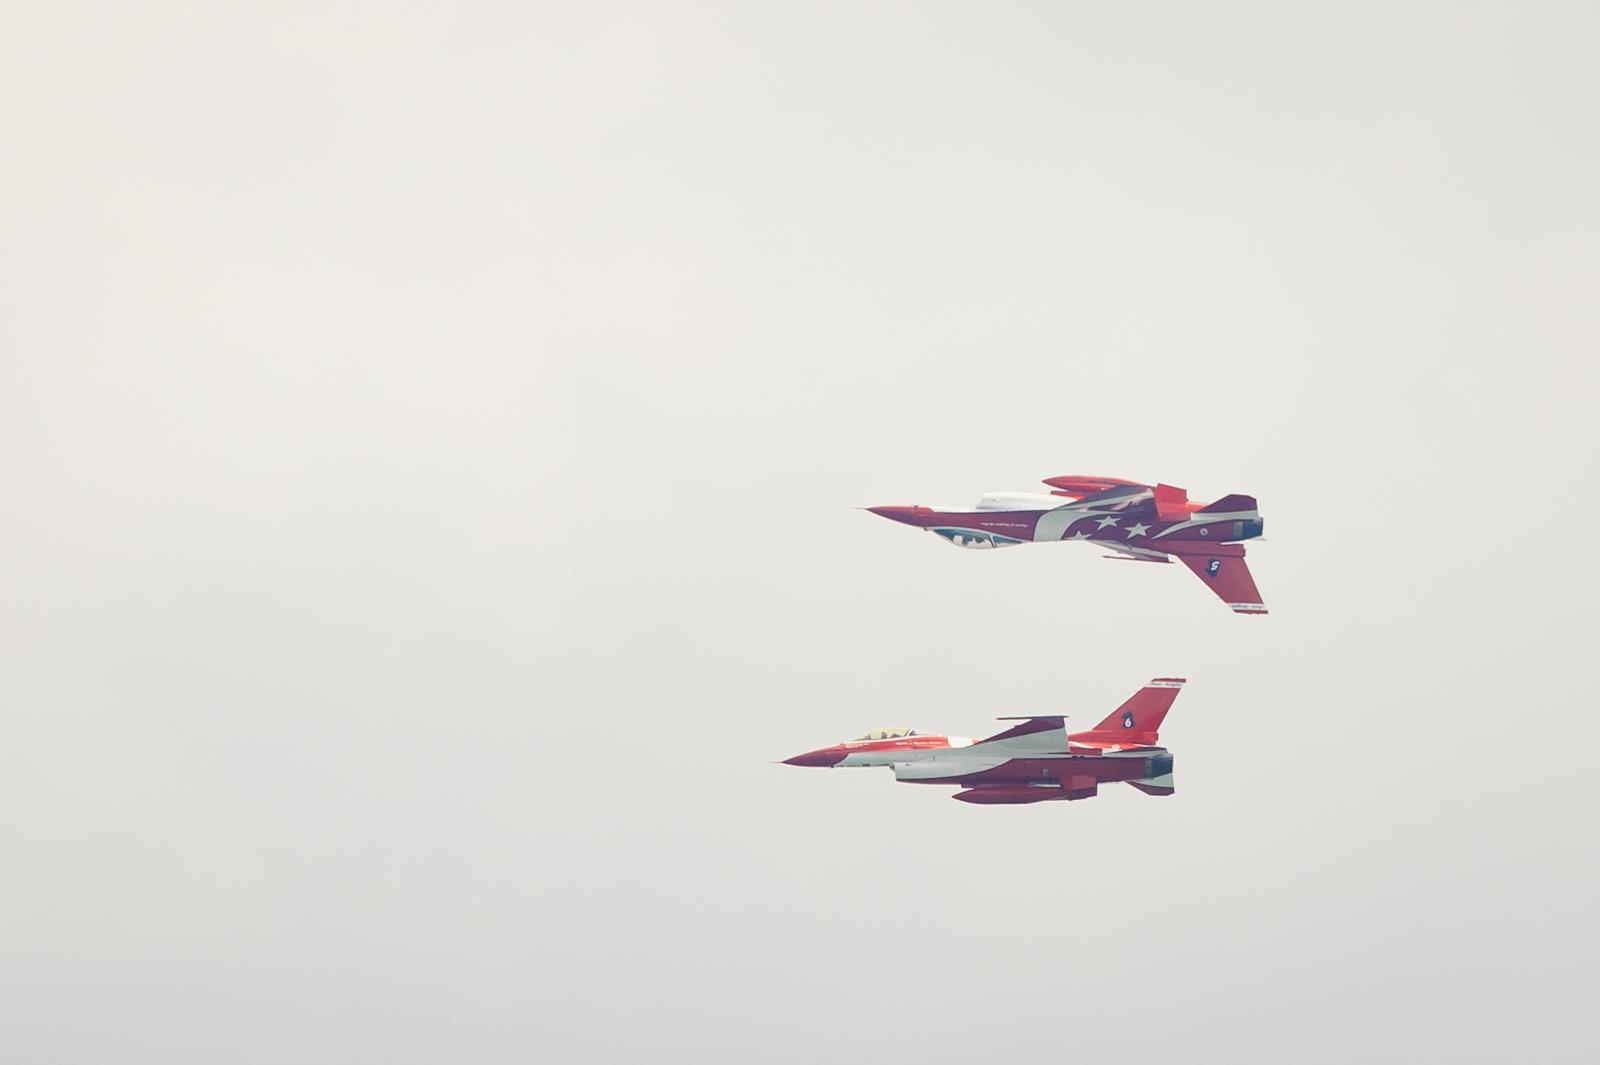 Singapore Airshow #67